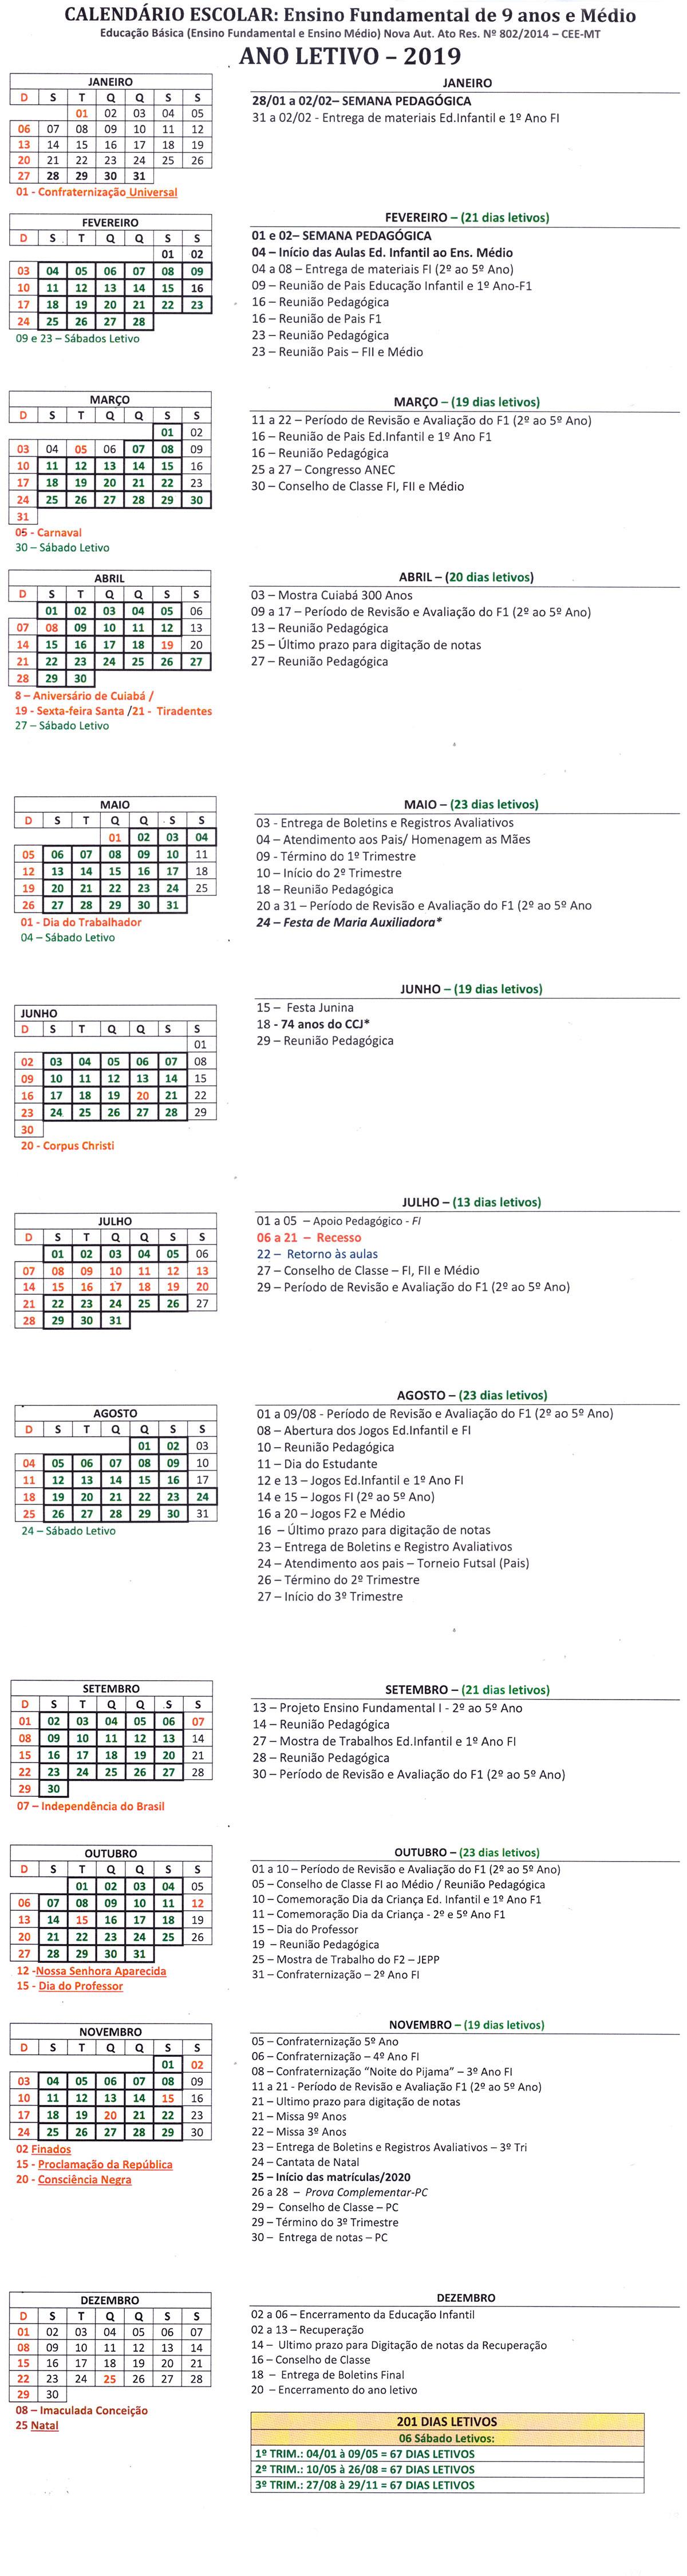 calendarioanual2019